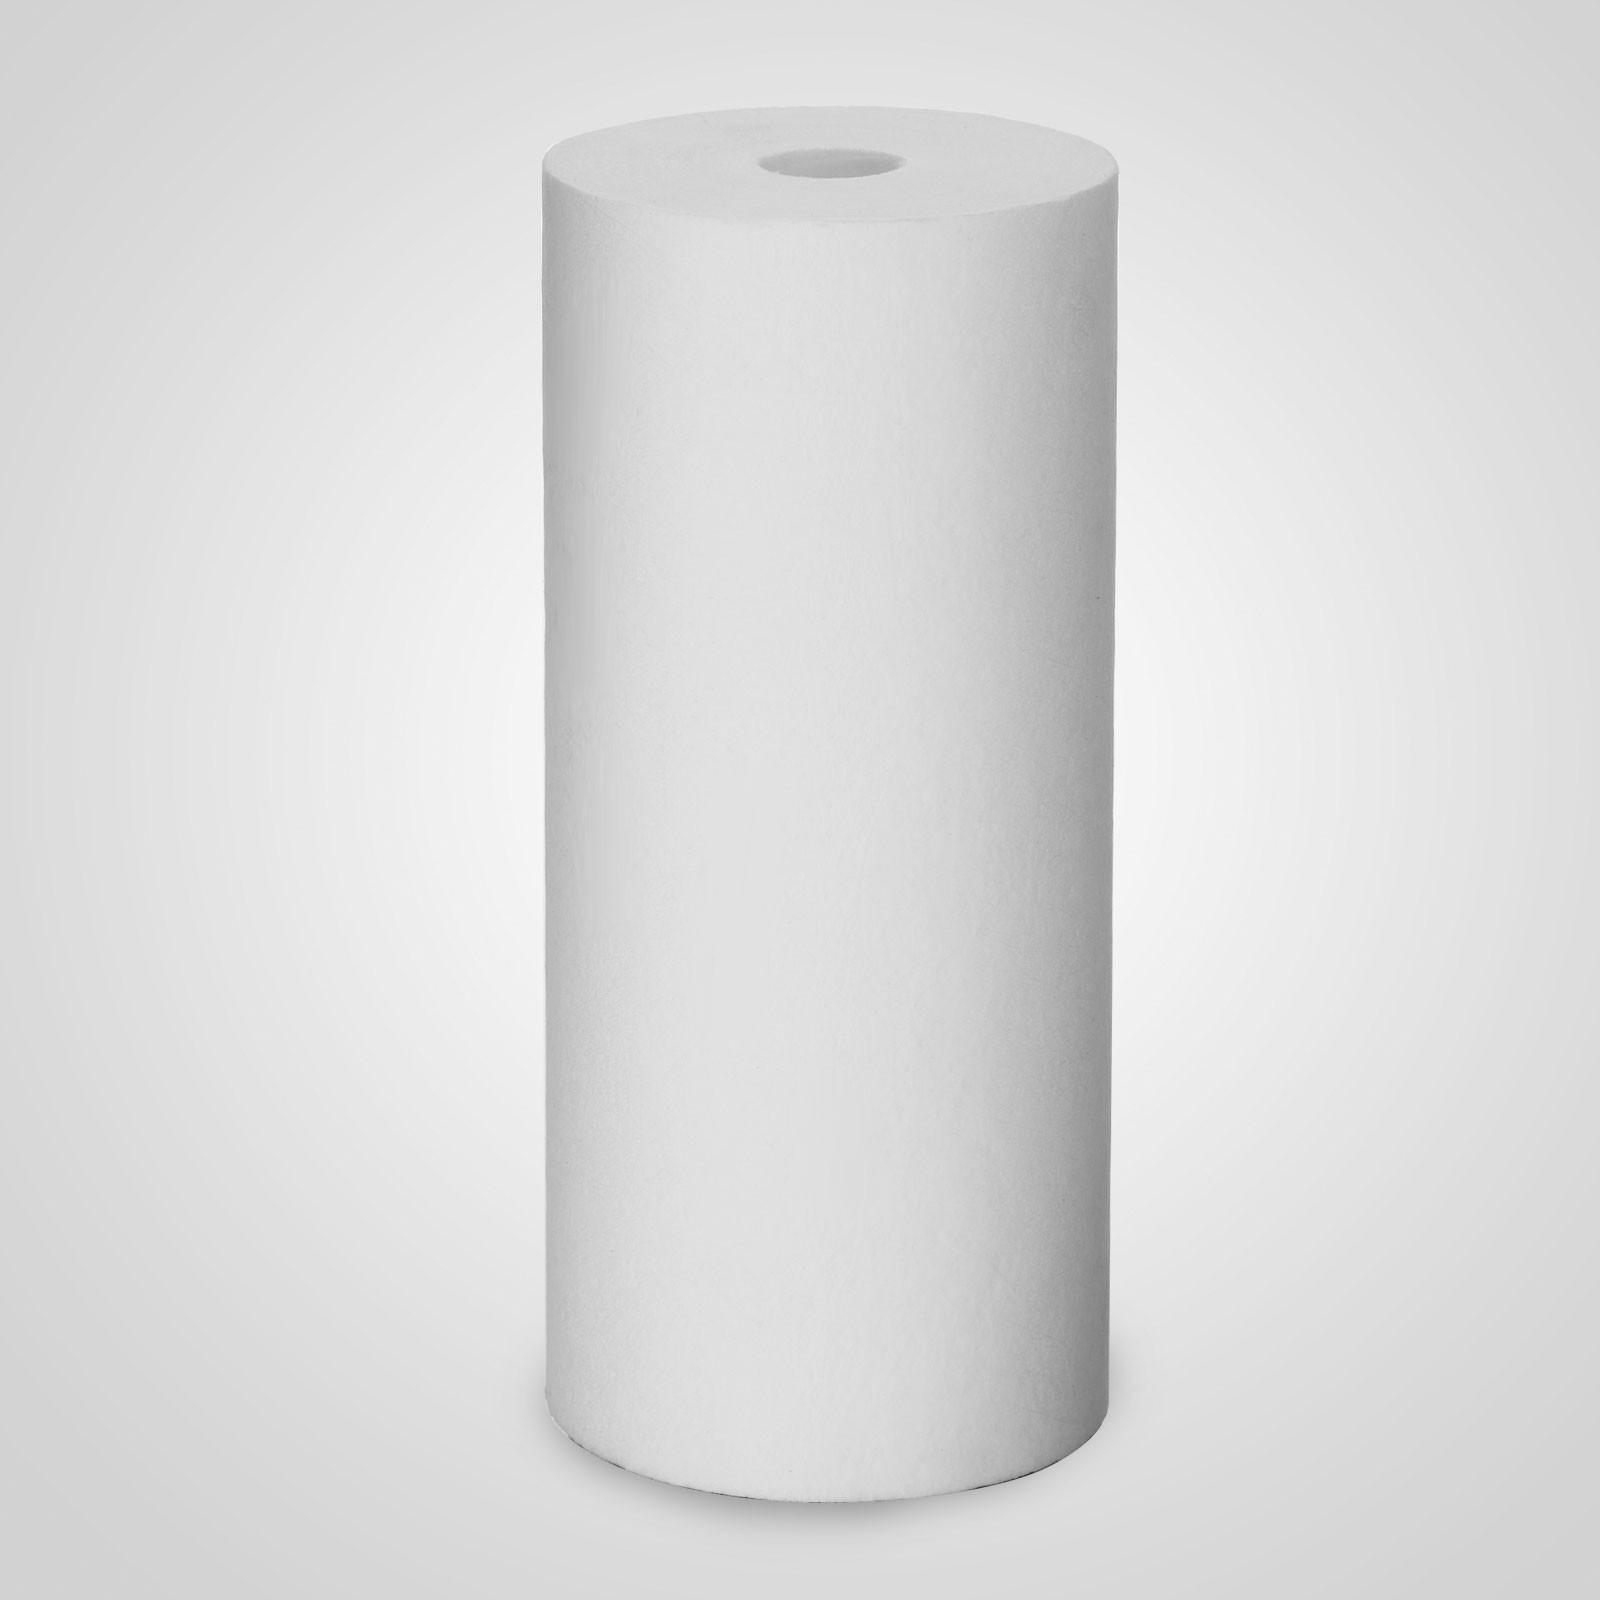 20Pcs-Cartouche-Filtrante-5-Micron-10-034-X-4-5-034-Contre-Sediments-Particules miniature 6